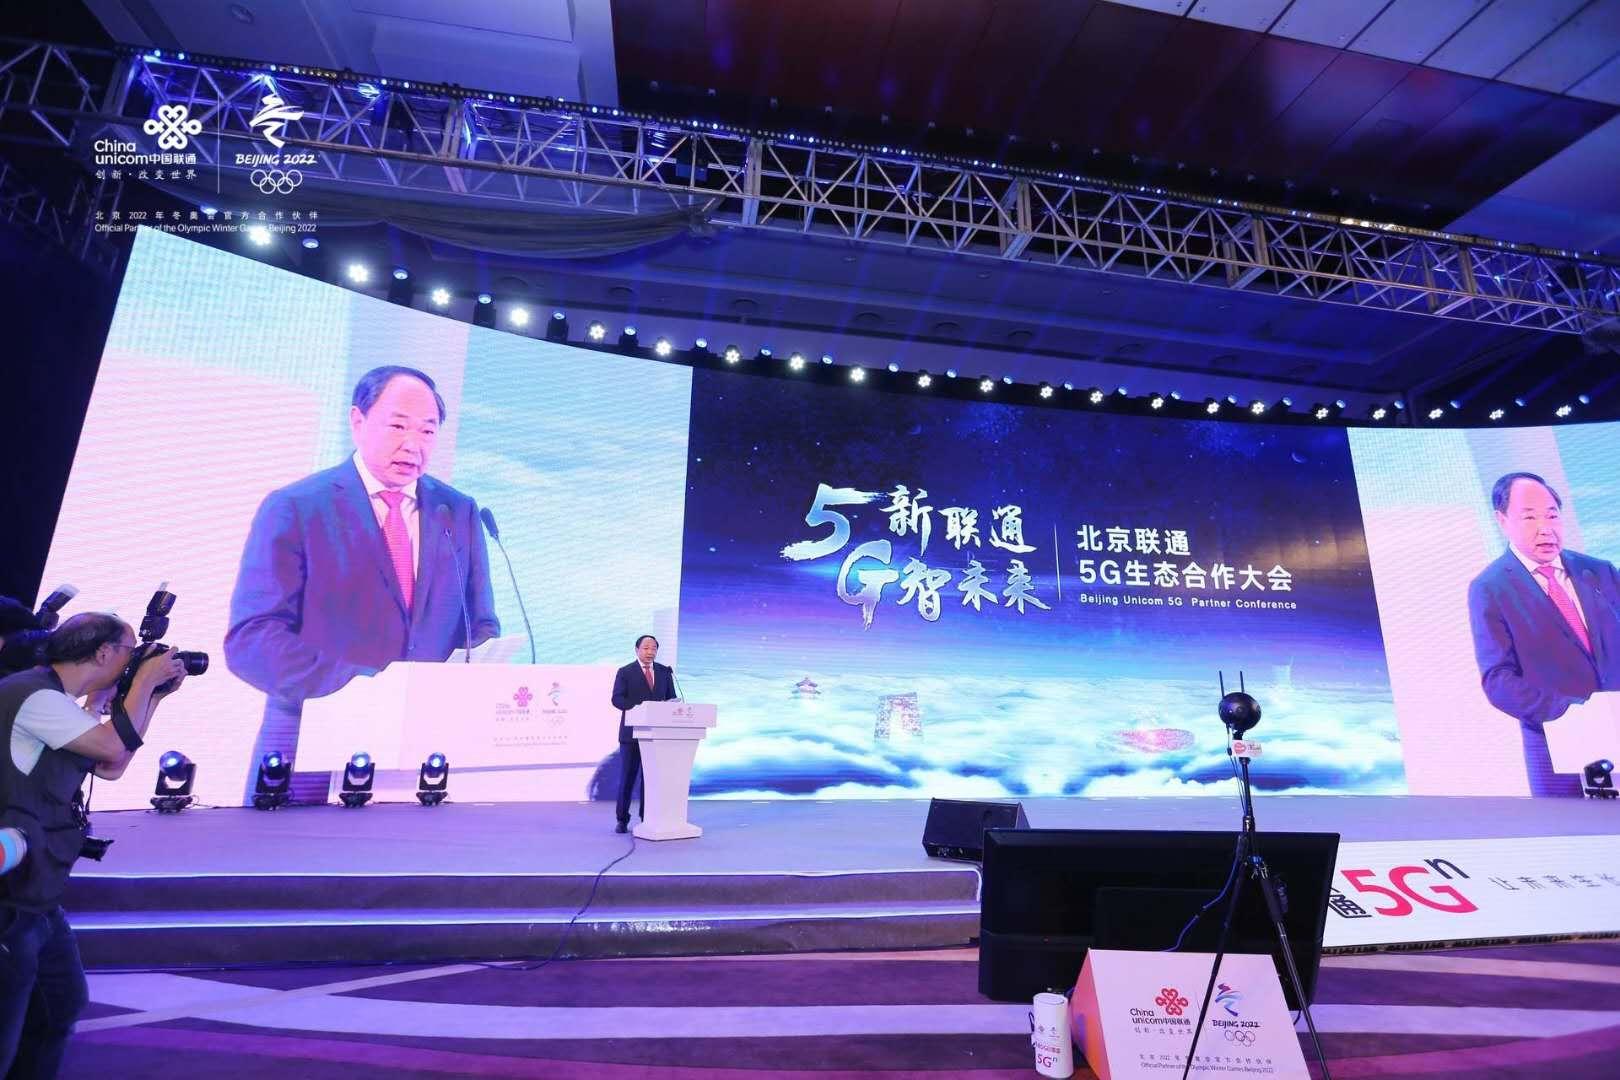 中国联通李国华:探索加快构建5G生态系统